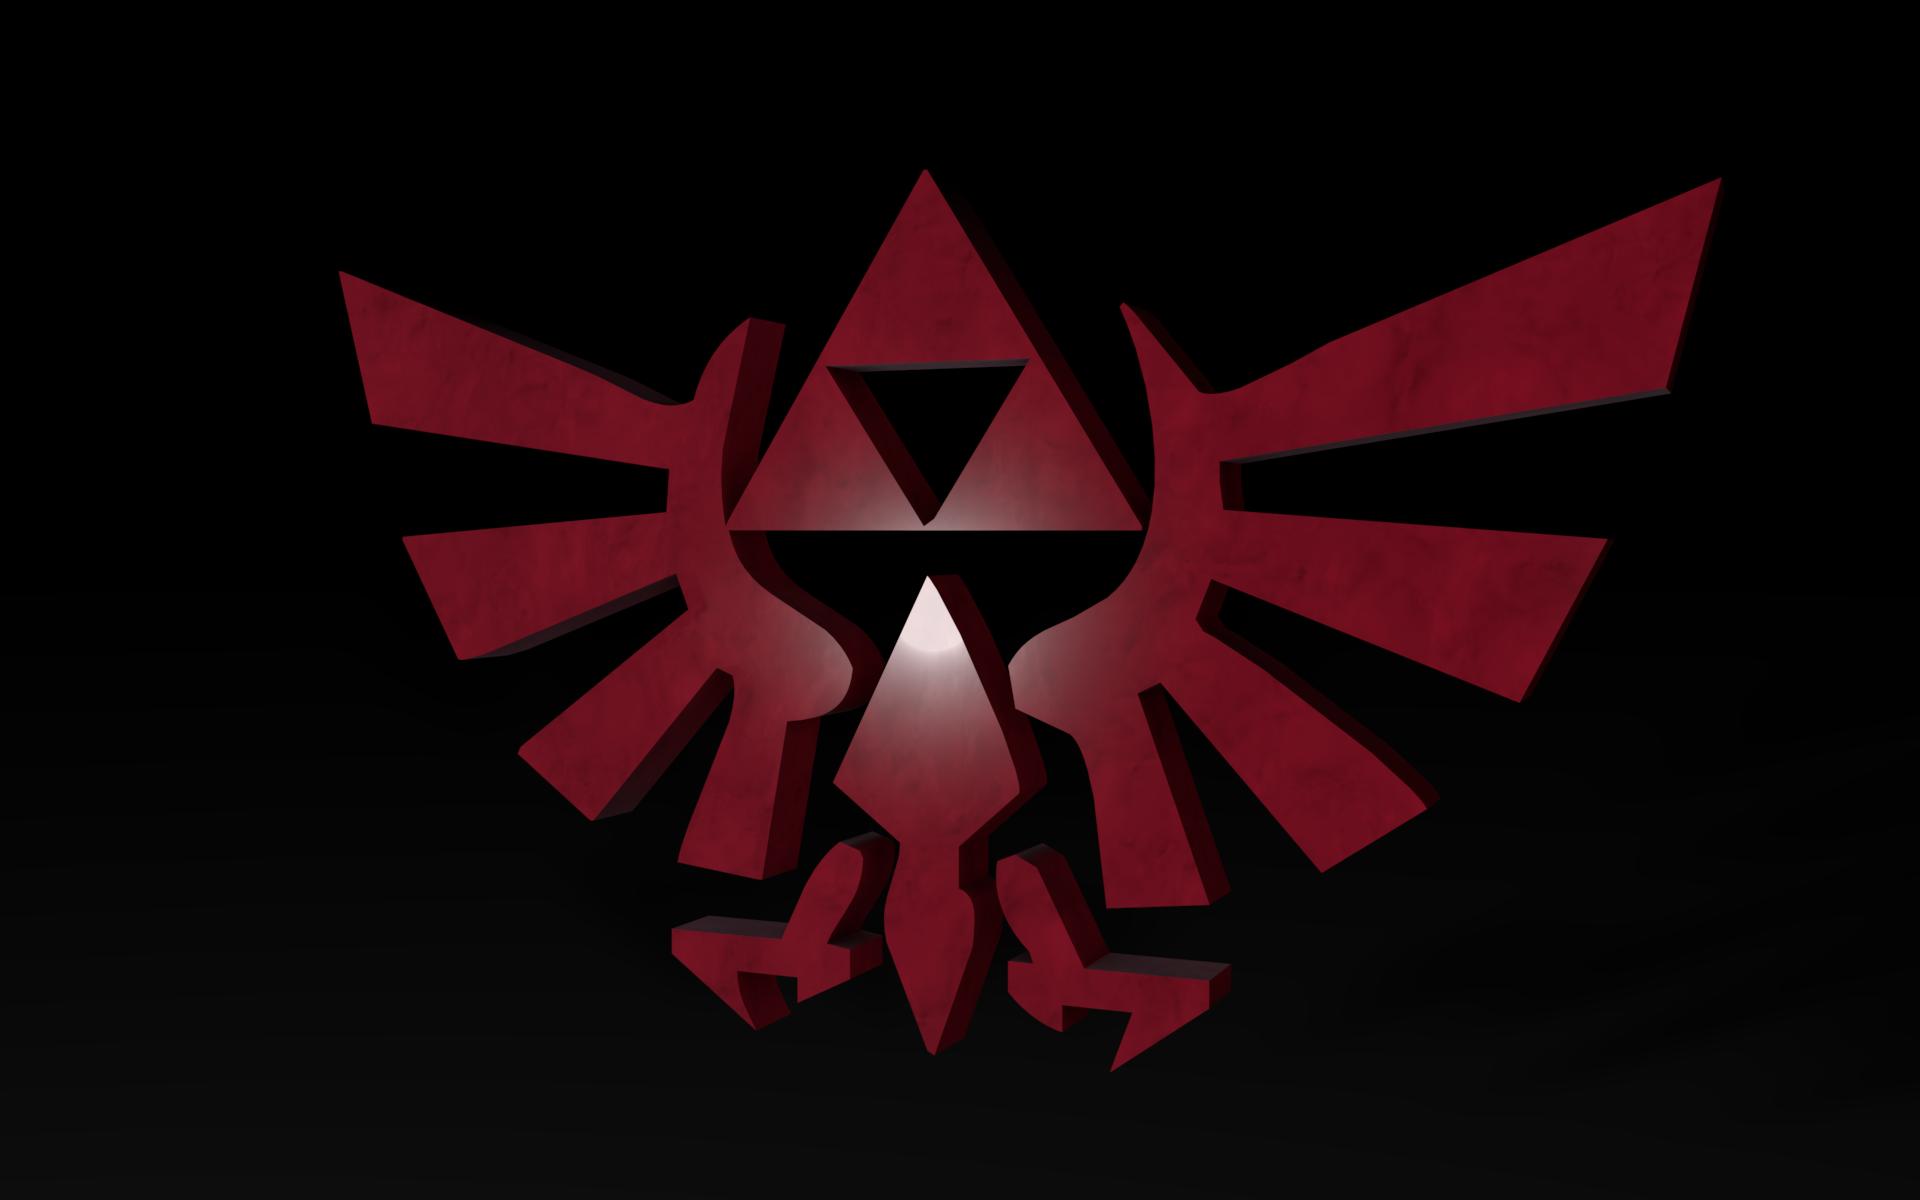 Legend Of Zelda Triforce By Mhalse On Deviantart